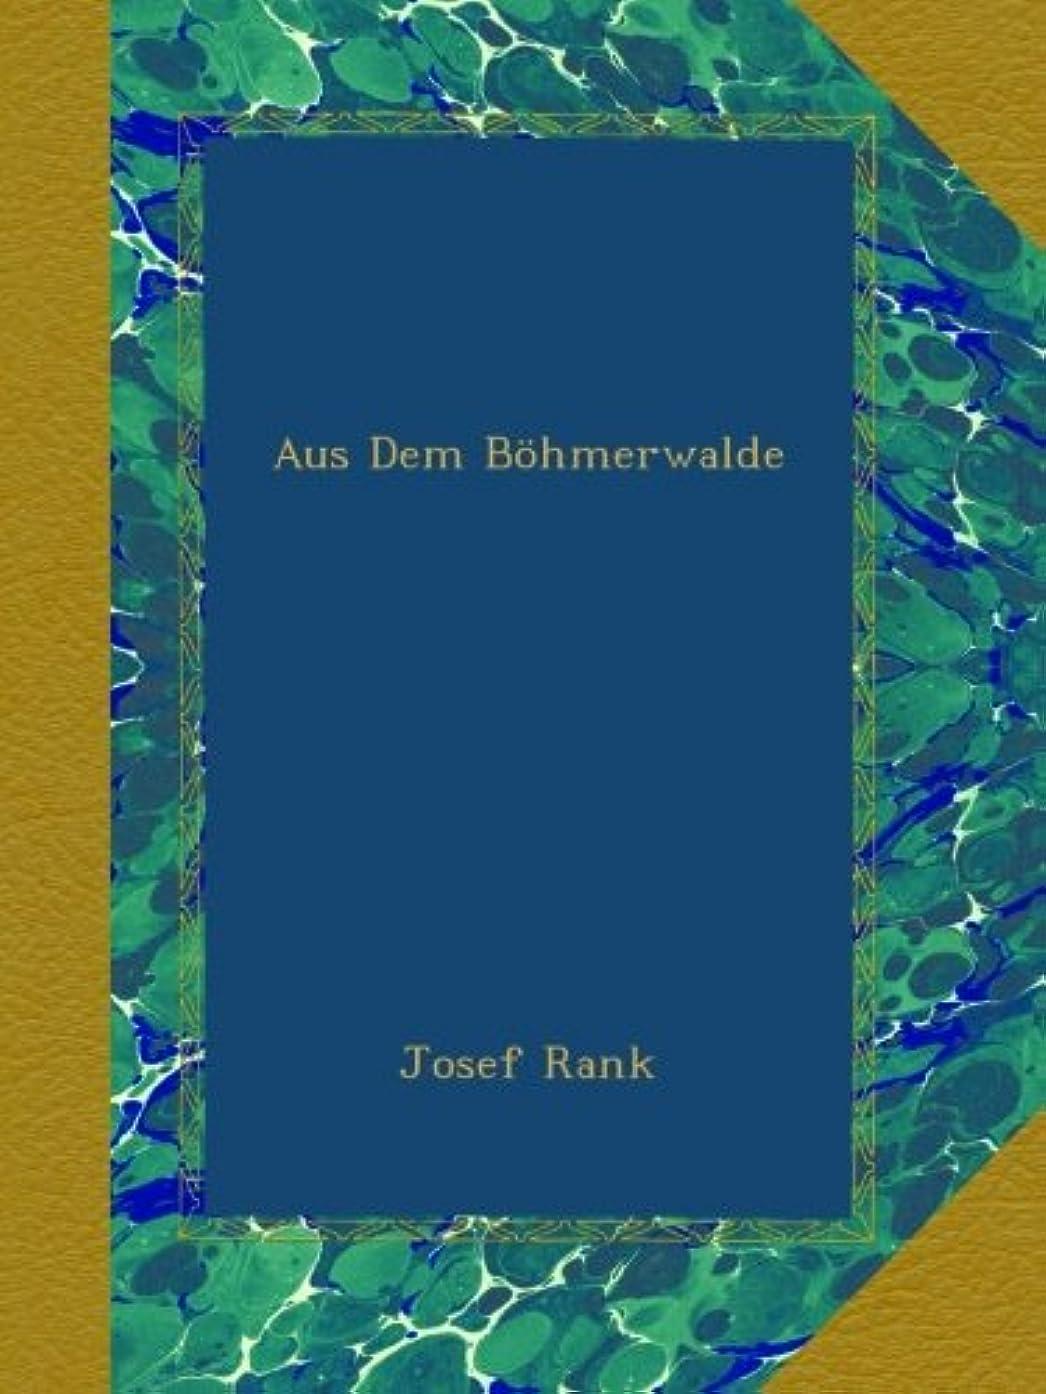 終了しましたダイエット出口Aus Dem Boehmerwalde